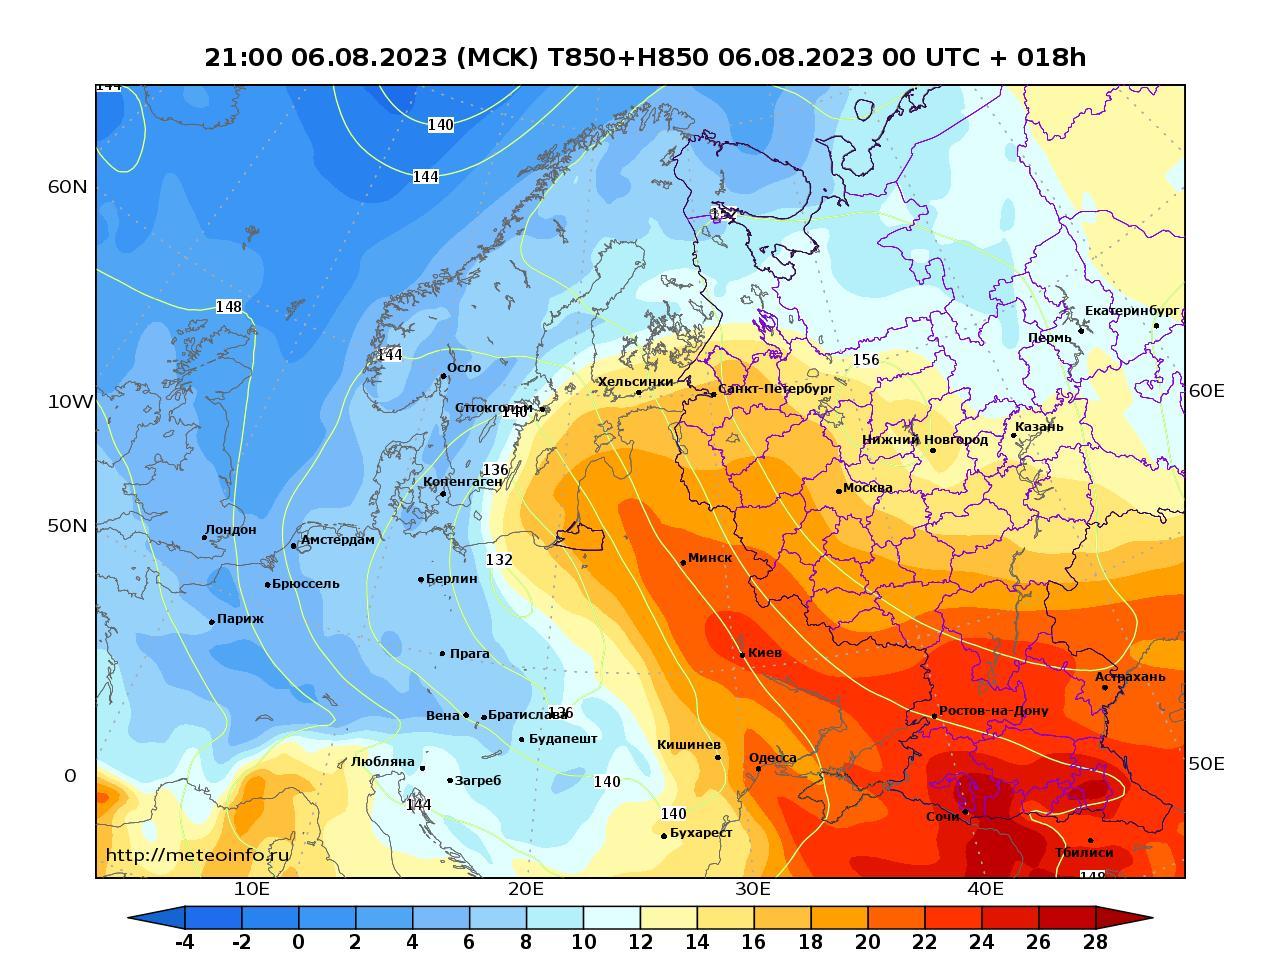 Европейская территория России, прогностическая карта температура T850 и геопотенциал H850, заблаговременность прогноза 18 часов